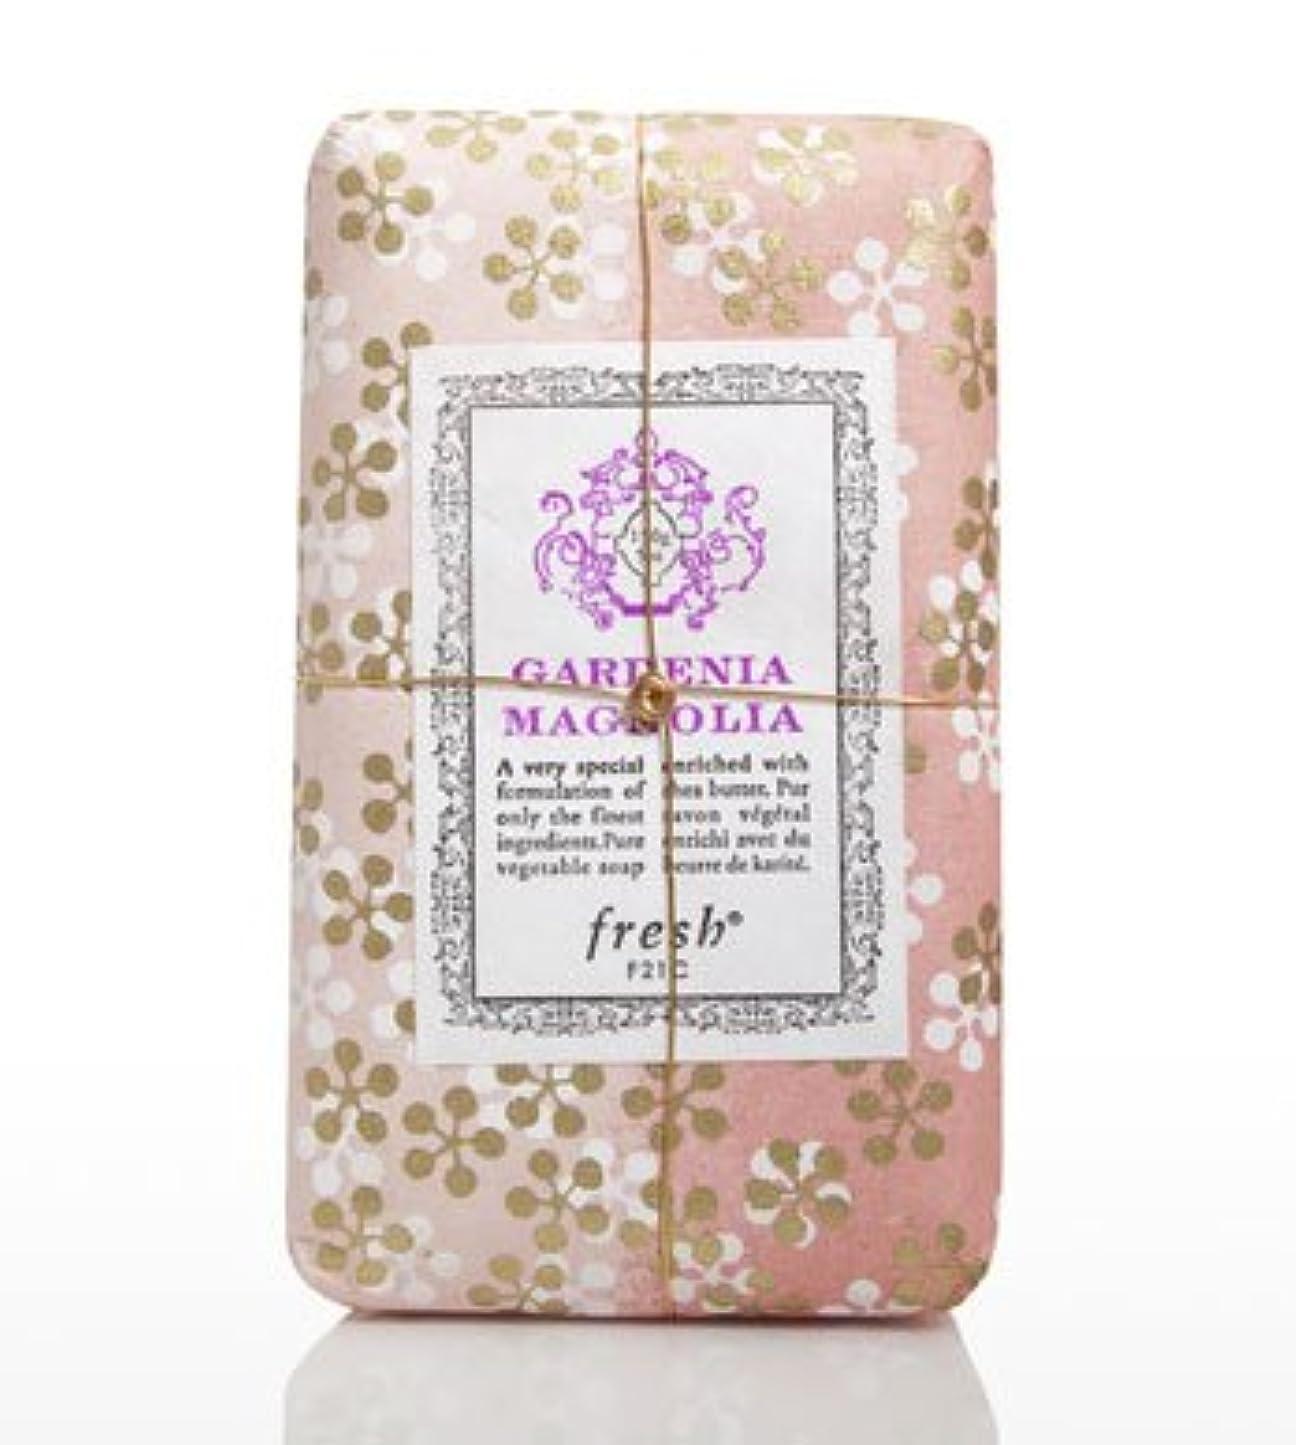 アッパーグリップゾーンFresh GARDENIA MAGNOLIA SOAP(フレッシュ ガーデナマグノリア ソープ) 5.0 oz (150gl) 石鹸 by Fresh